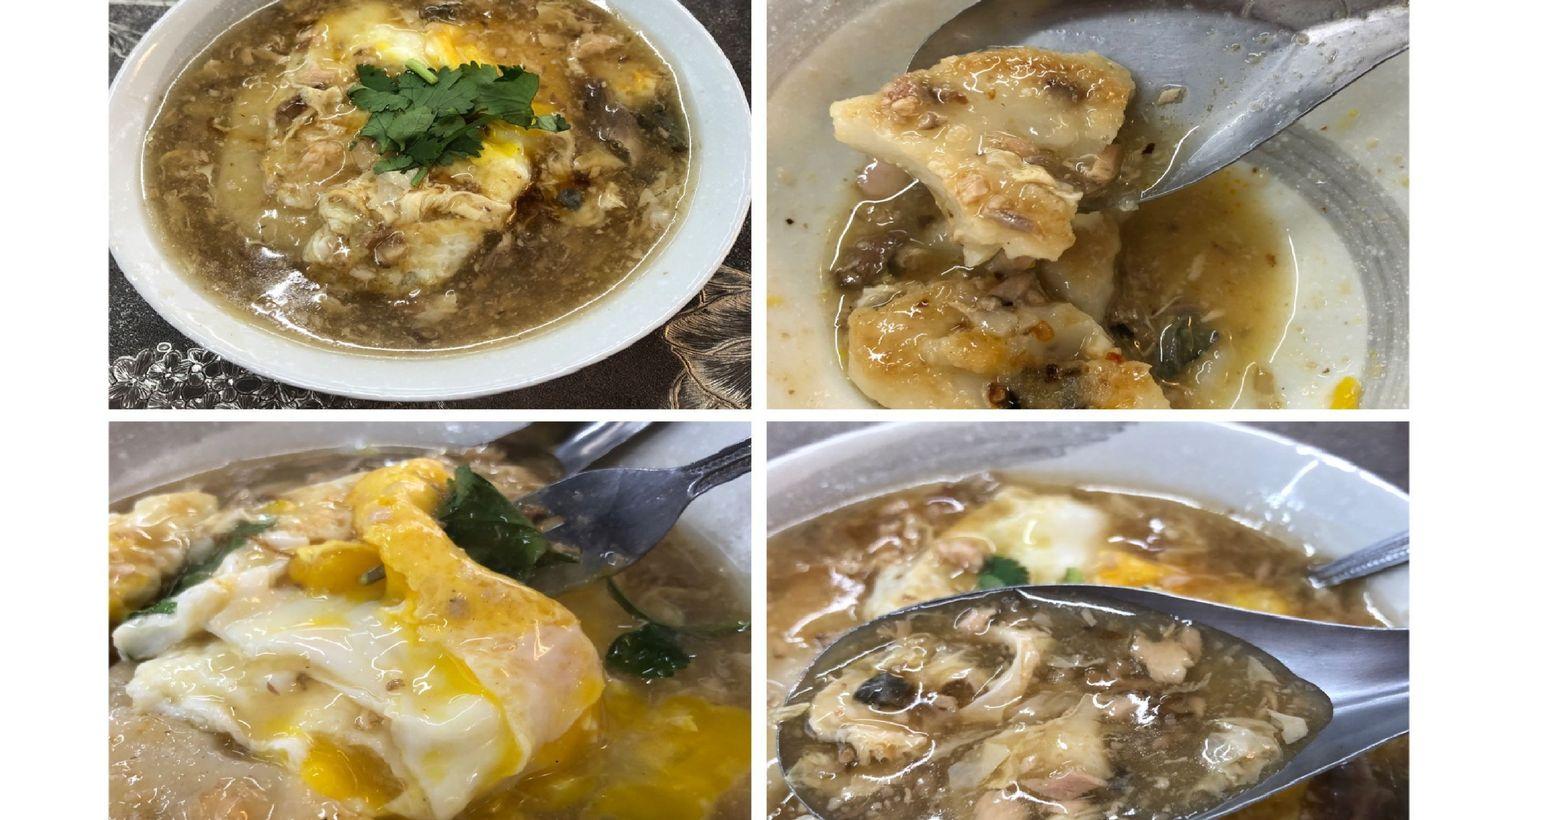 台南正宗碗粿肉粿 [新北 板橋]應朋友推薦來的,因為我本身相當愛吃肉粿,無奈北部幾乎不見這樣的美食,